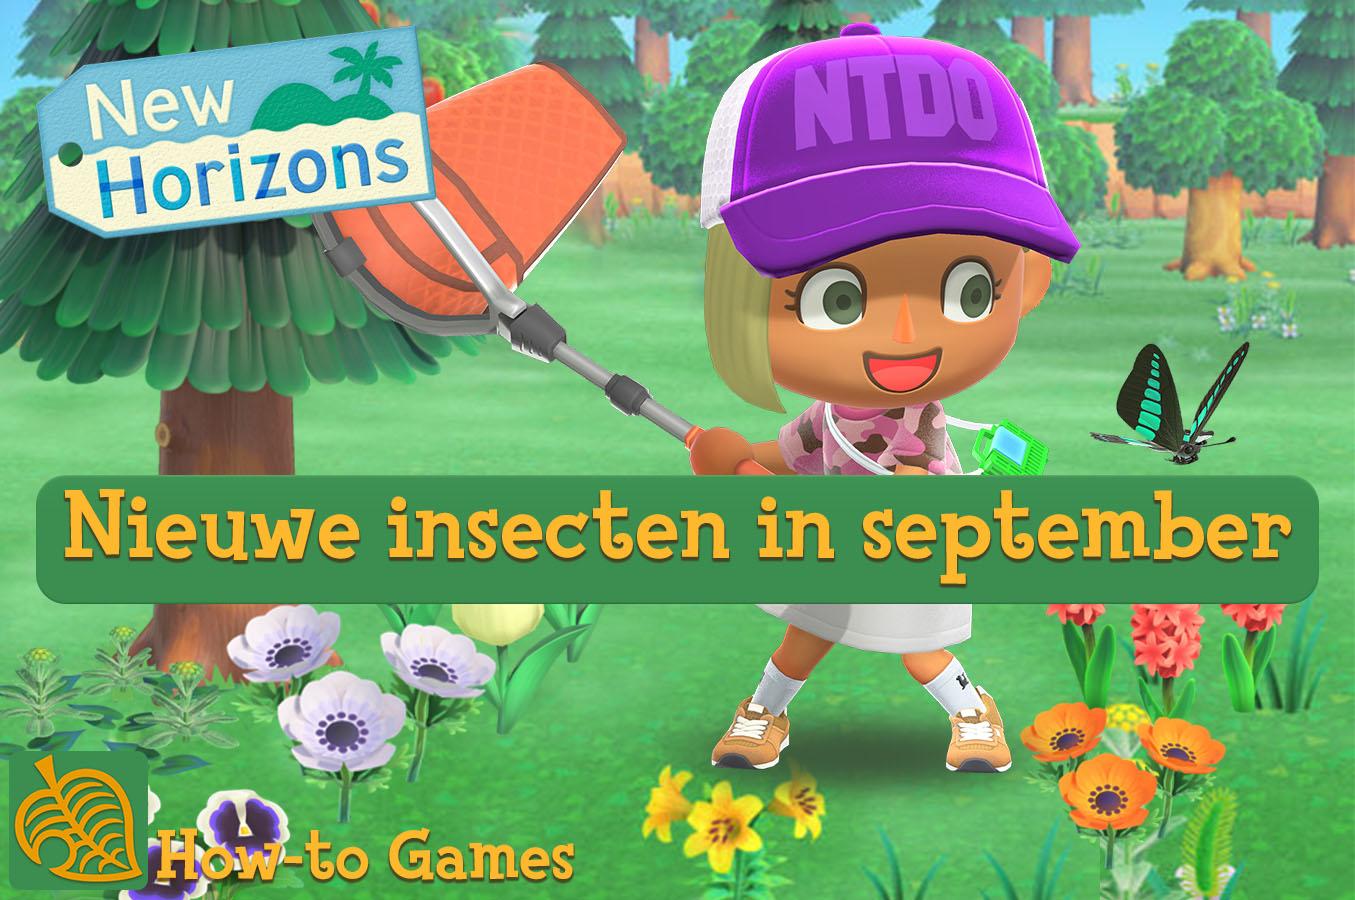 Nieuwe insecten van september in Animal Crossing New Horizons